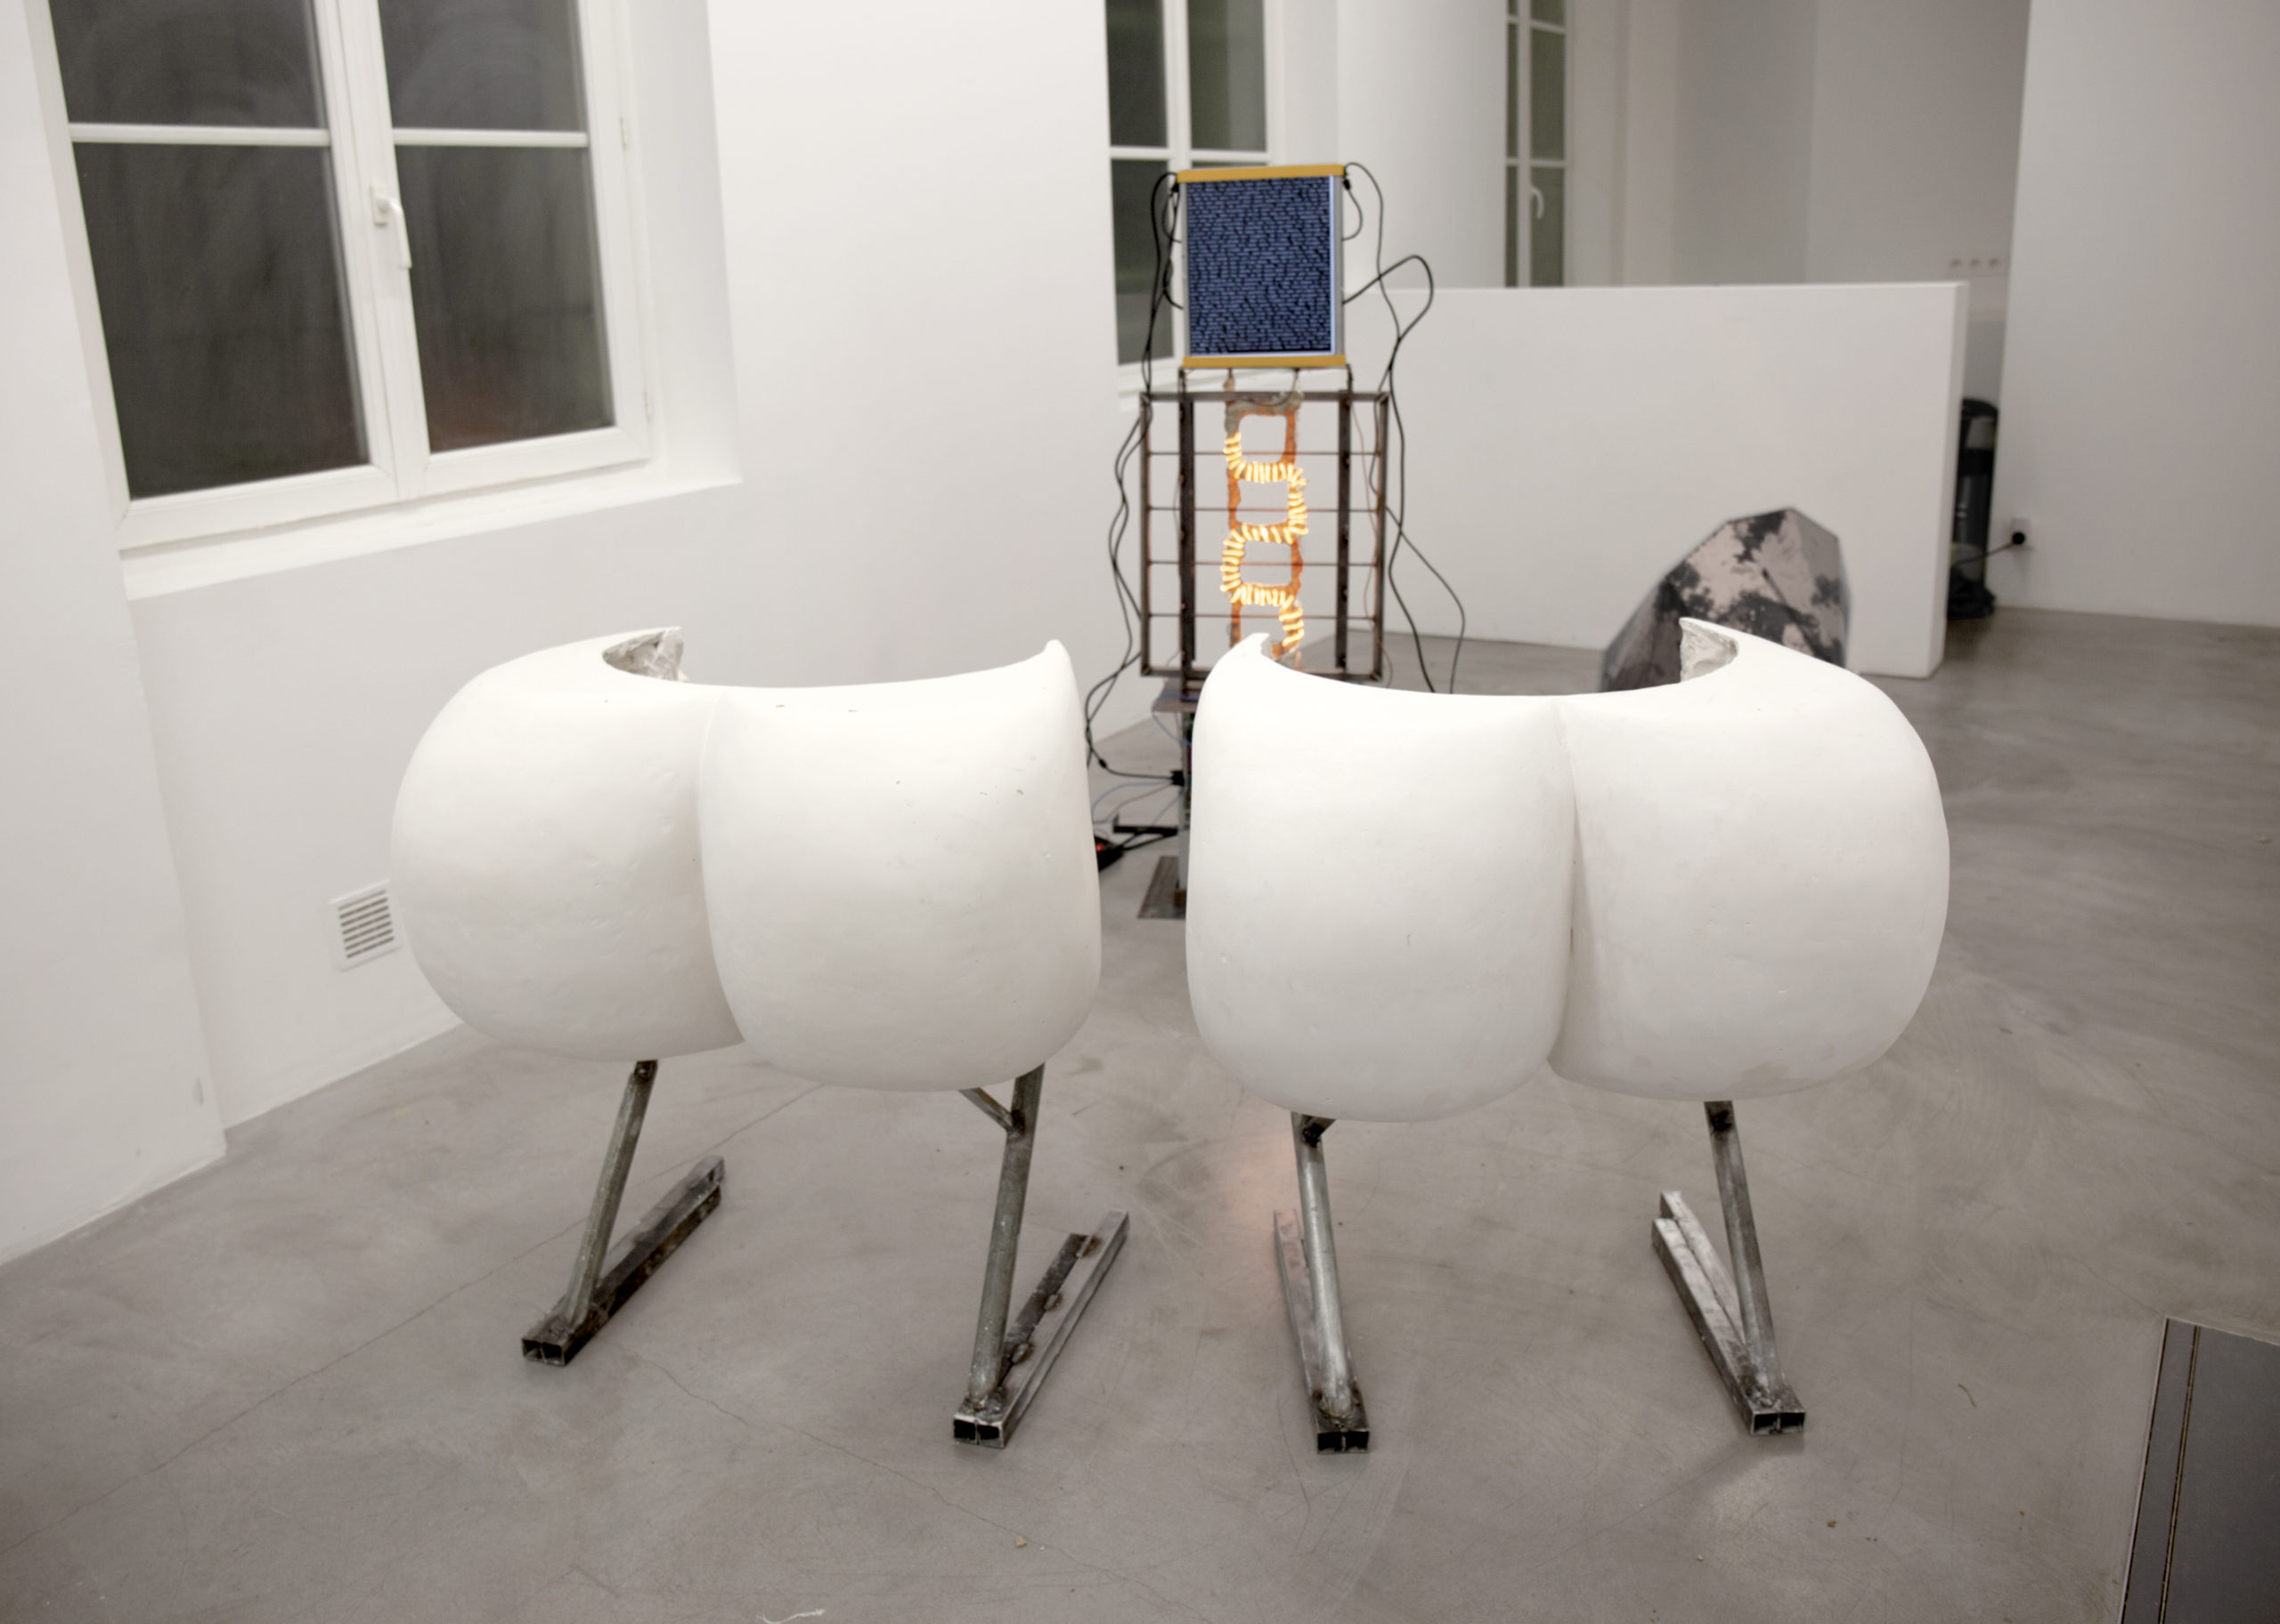 Pierre Gaignard, com9 python chelou, 2019, sculpture, acier, plâtre, ordinateurs, résistance, bâcon, 220V